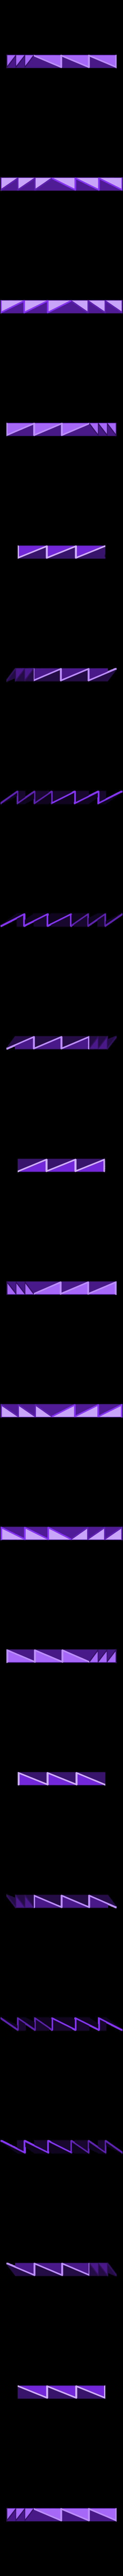 sawtooth_wave_desk_tidy.stl Télécharger fichier STL gratuit WAVE bureau rangé collection • Design à imprimer en 3D, tone001